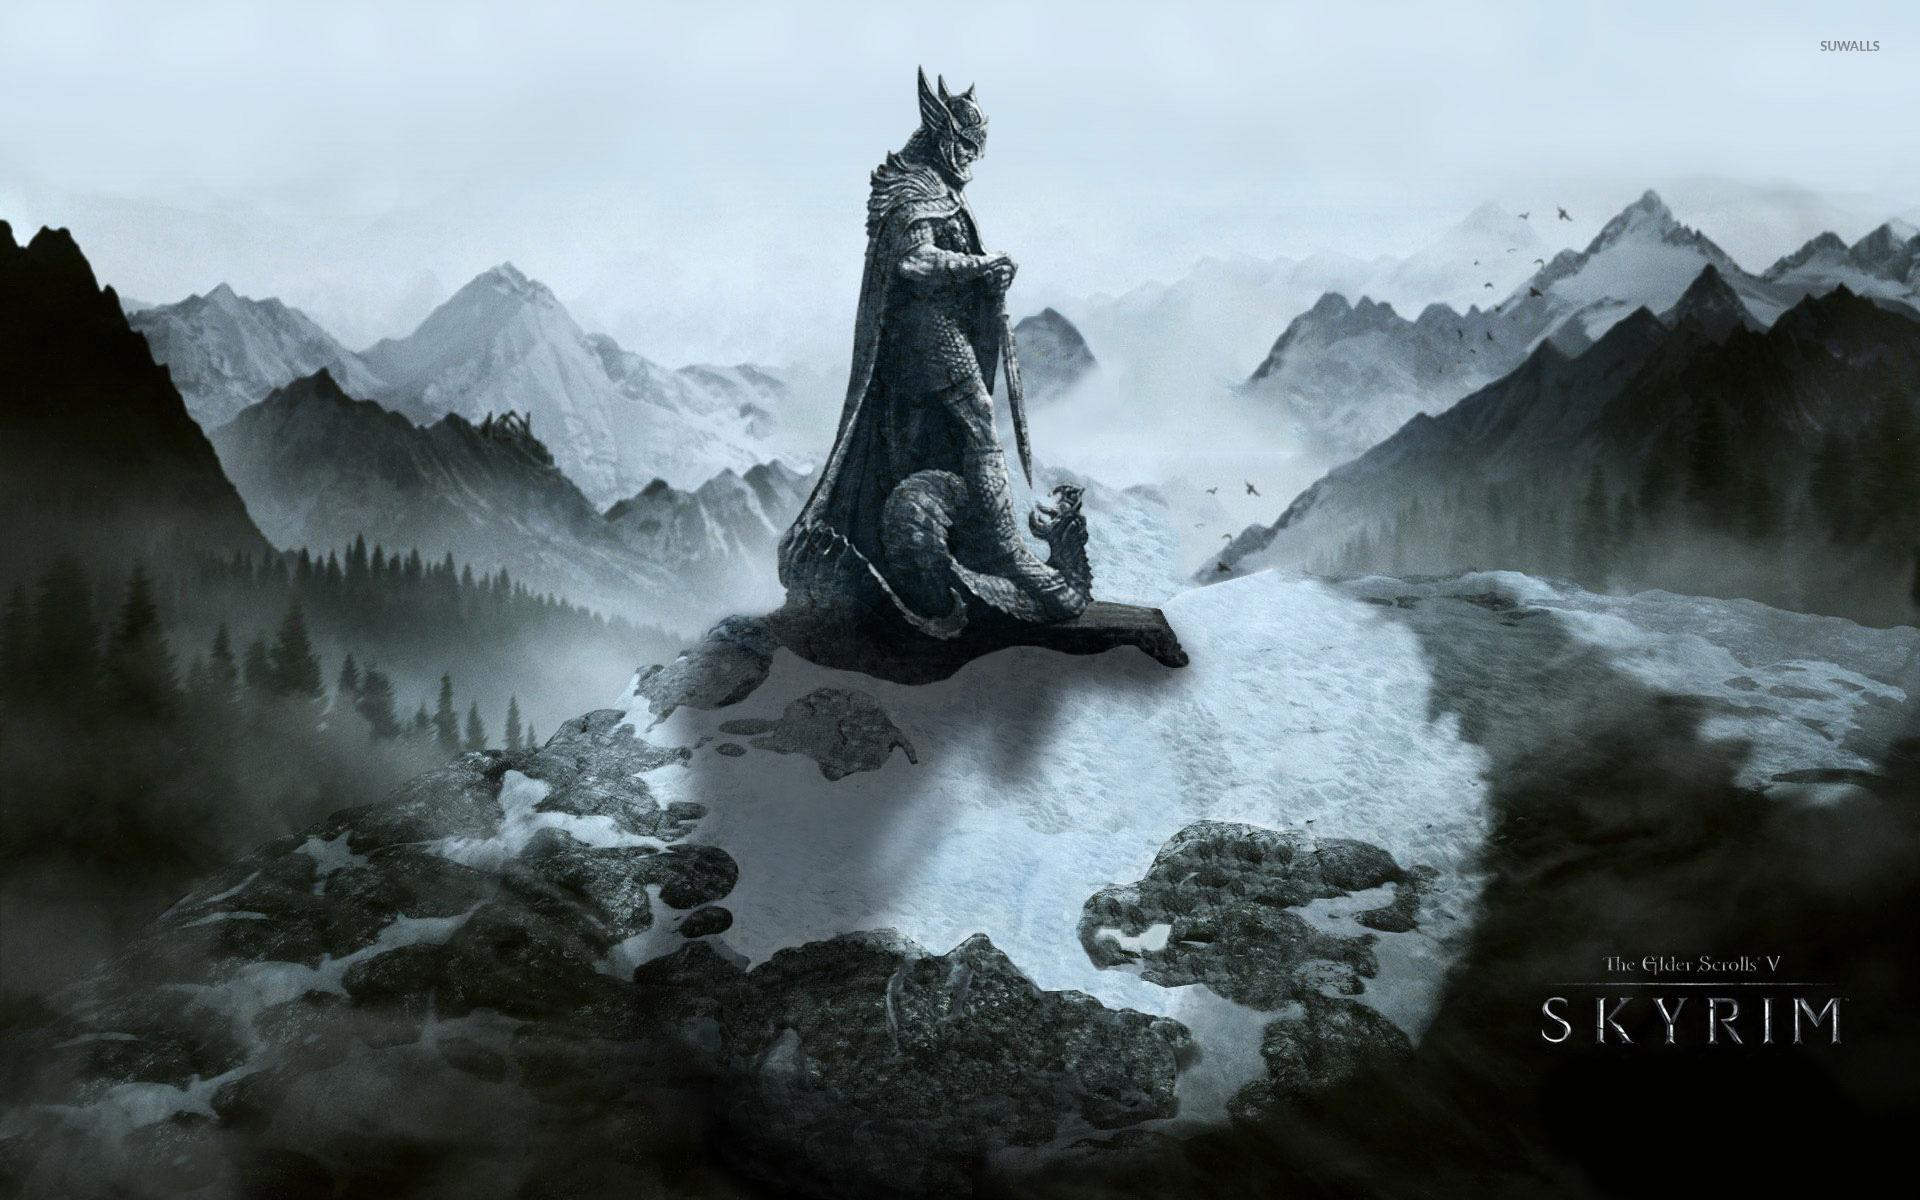 The Elder Scrolls V: Skyrim [6] wallpaper - Game wallpapers